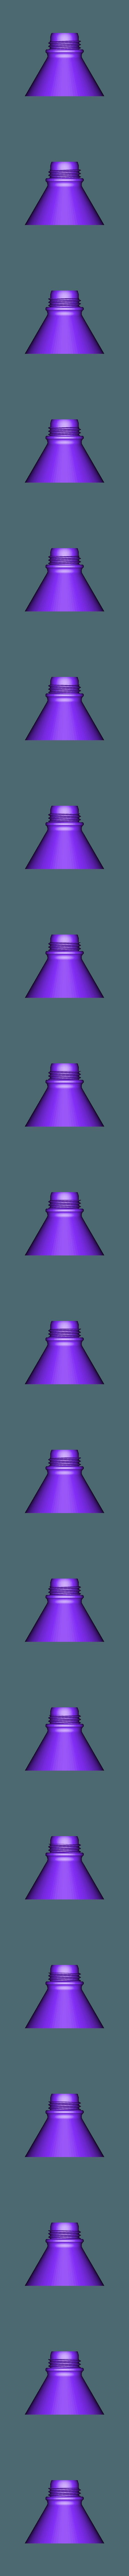 funnel.stl Télécharger fichier STL gratuit Couvercle de bobine pour les enceintes avec des bidons déshydratants en option • Modèle à imprimer en 3D, gnattycole